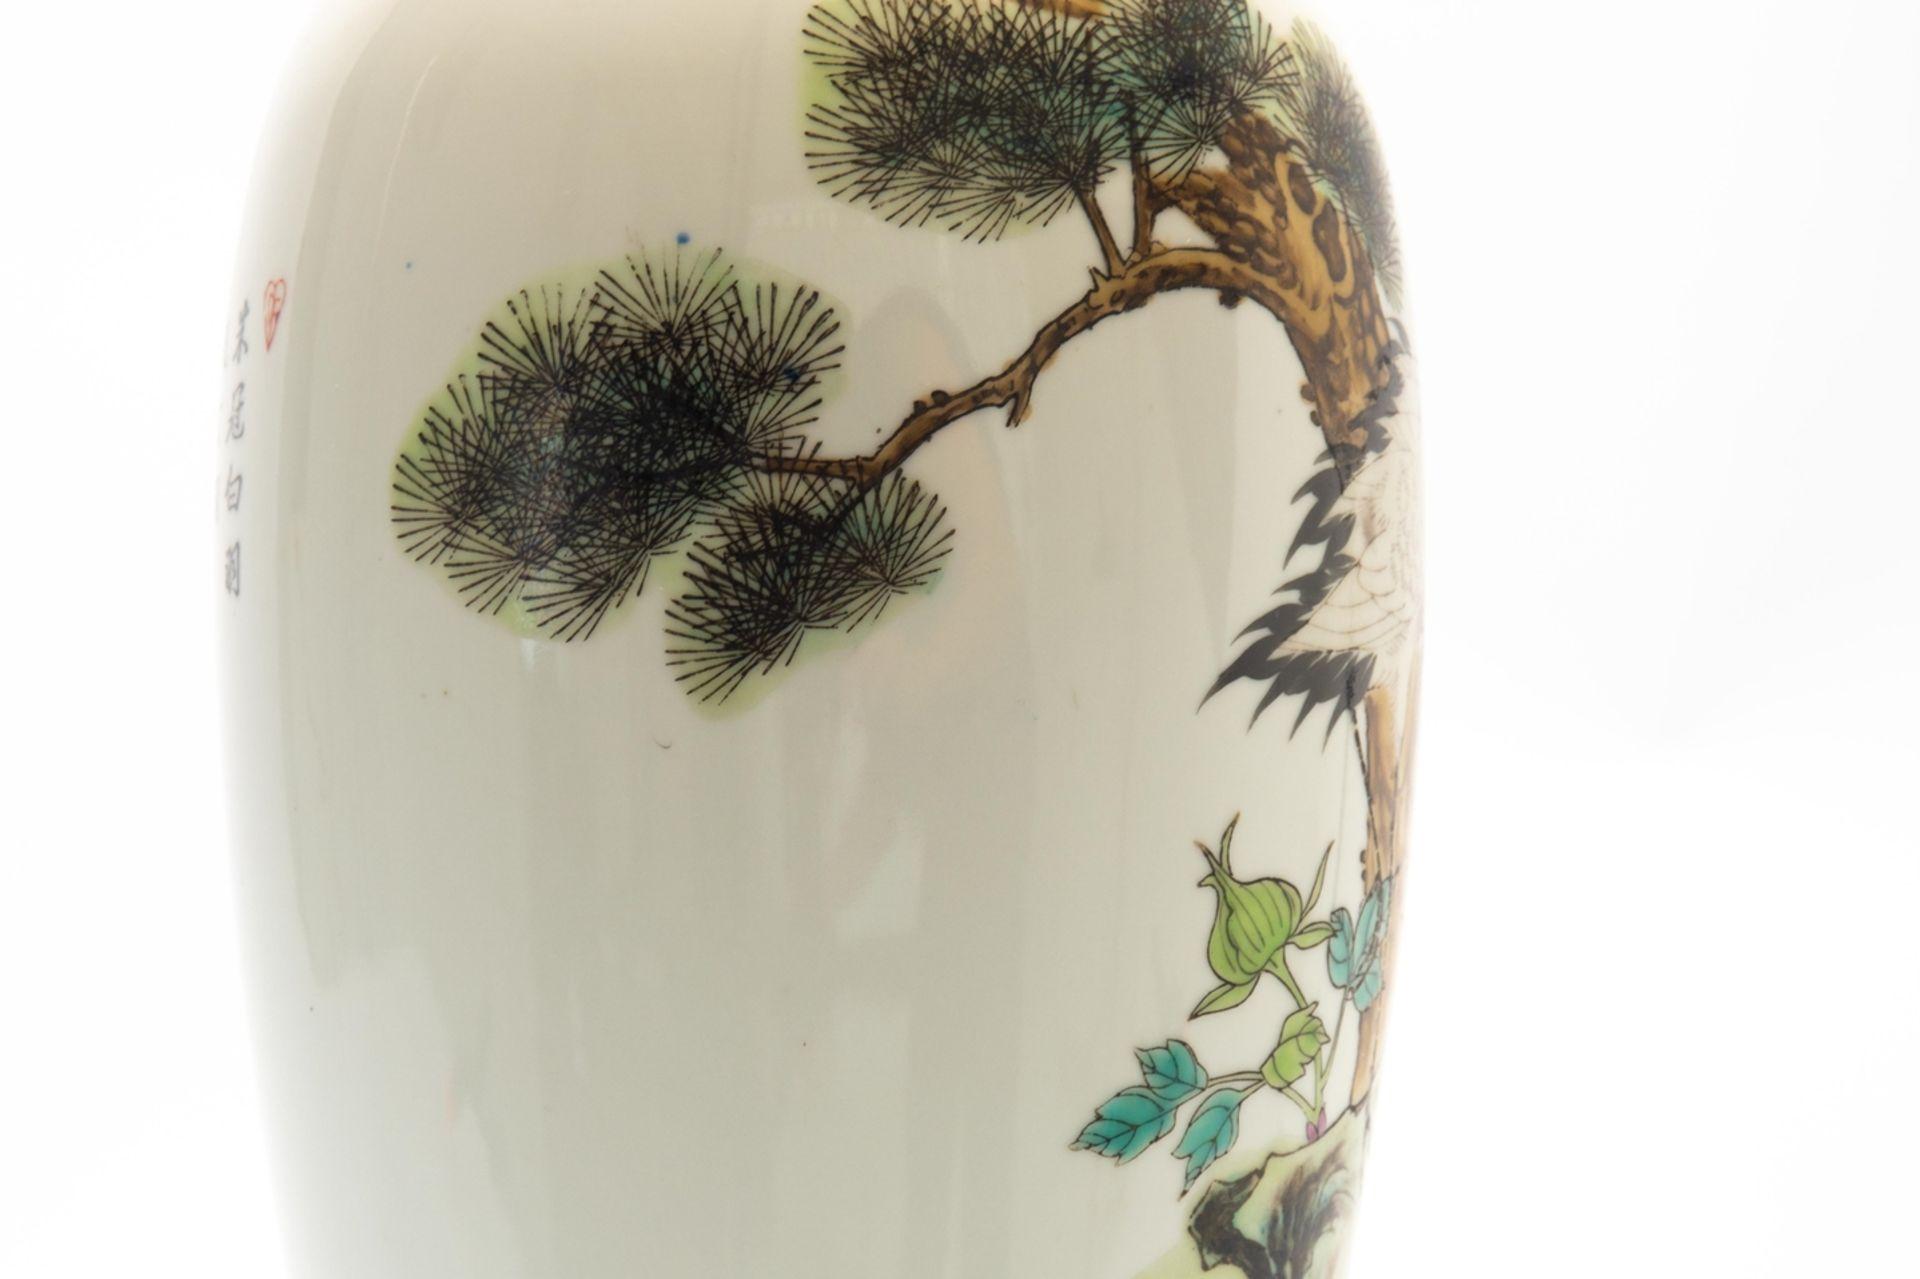 Porzellan-Lampe/Vase - Image 6 of 7